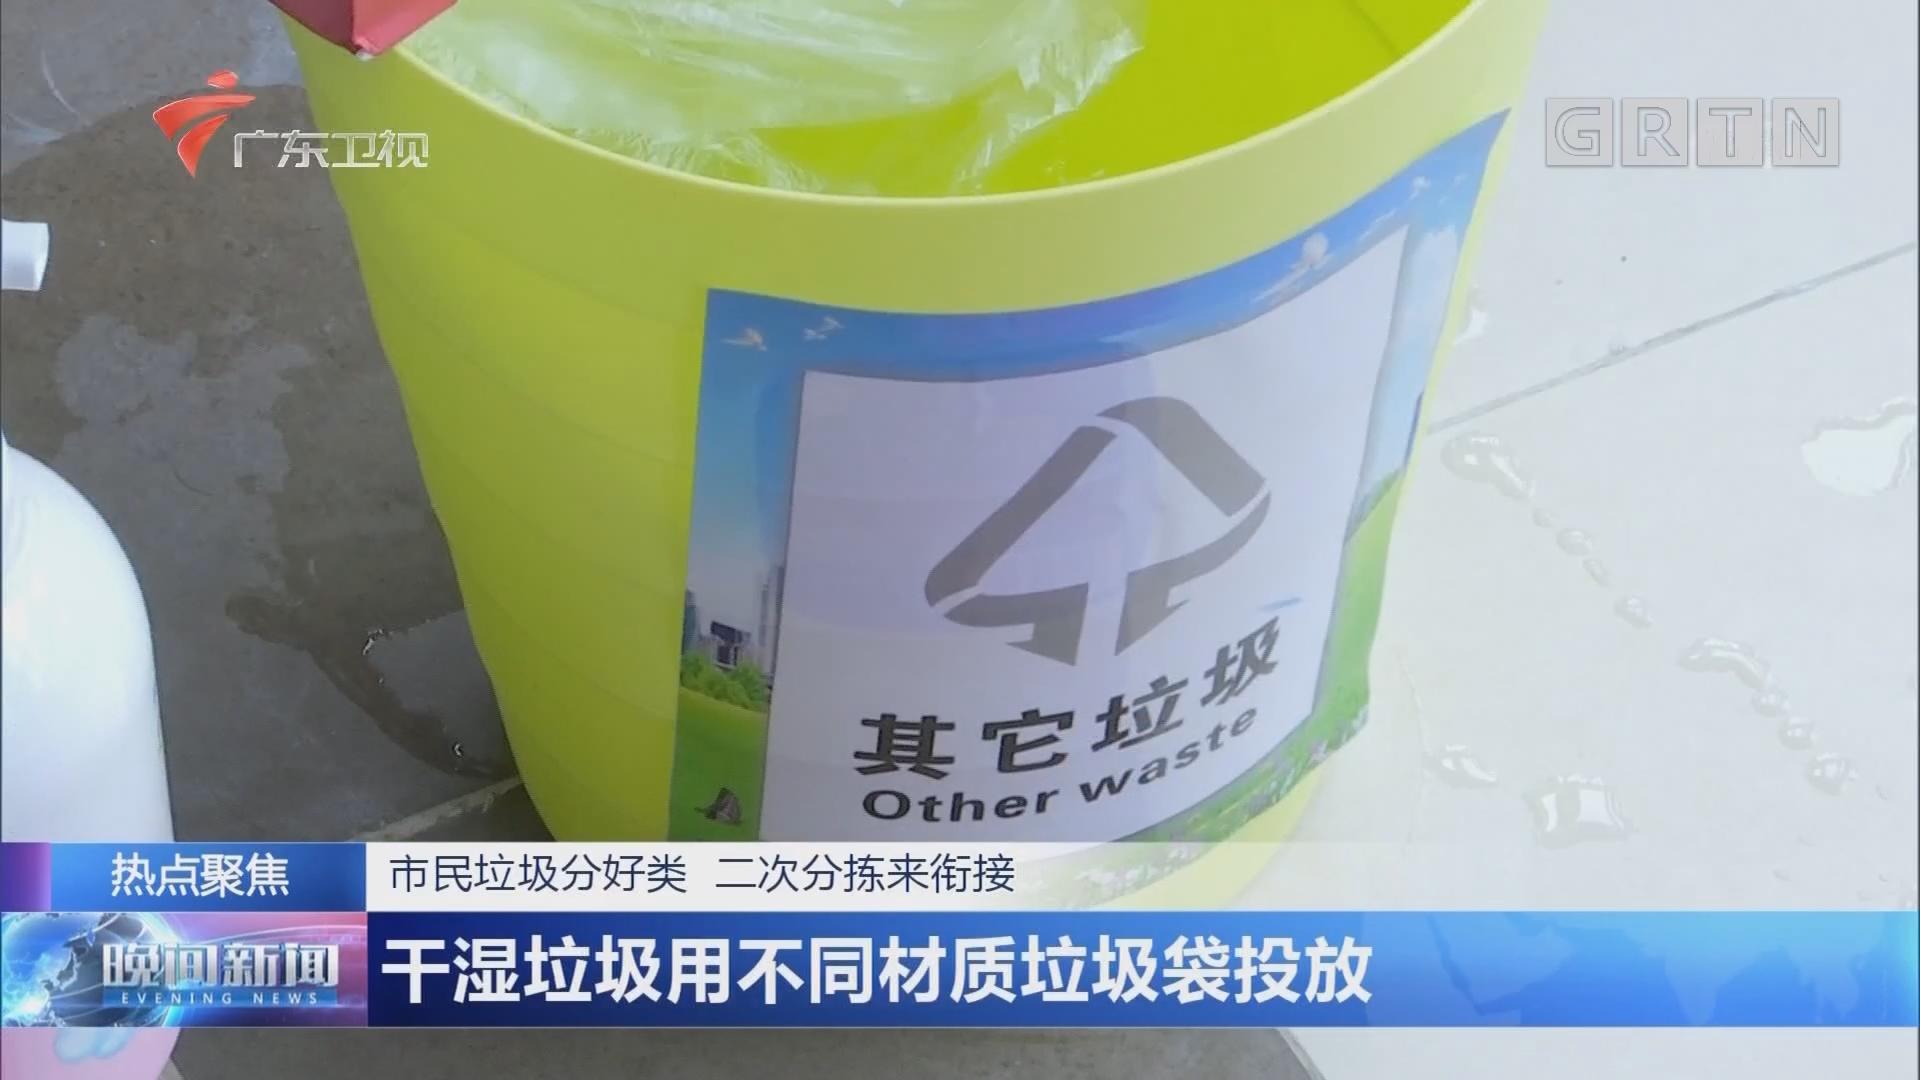 市民垃圾分好类 二次分拣来衔接 干湿垃圾用不同材质垃圾袋投放